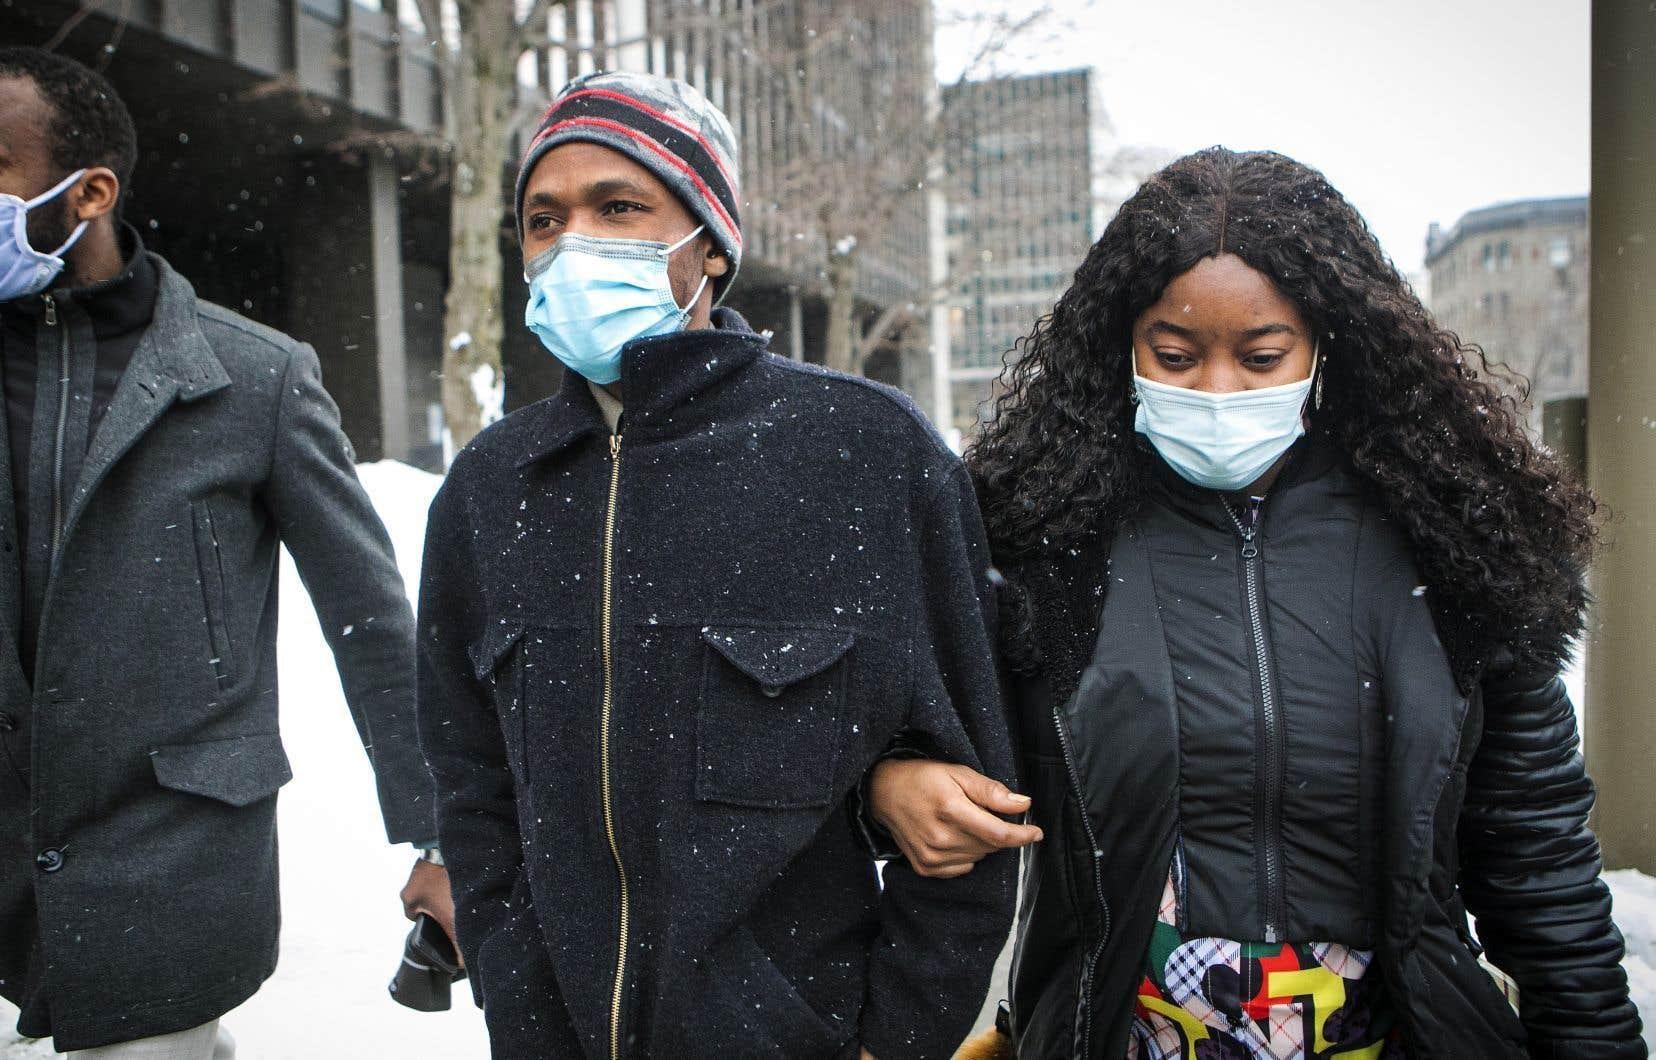 Arrivé au Québec il y a quatre ans avec un statut d'étudiant étranger, Mamadi III Fara Camara, 31ans, craint que son statut devienne précaire, puisqu'il est actuellement incapable de reprendre ses études.